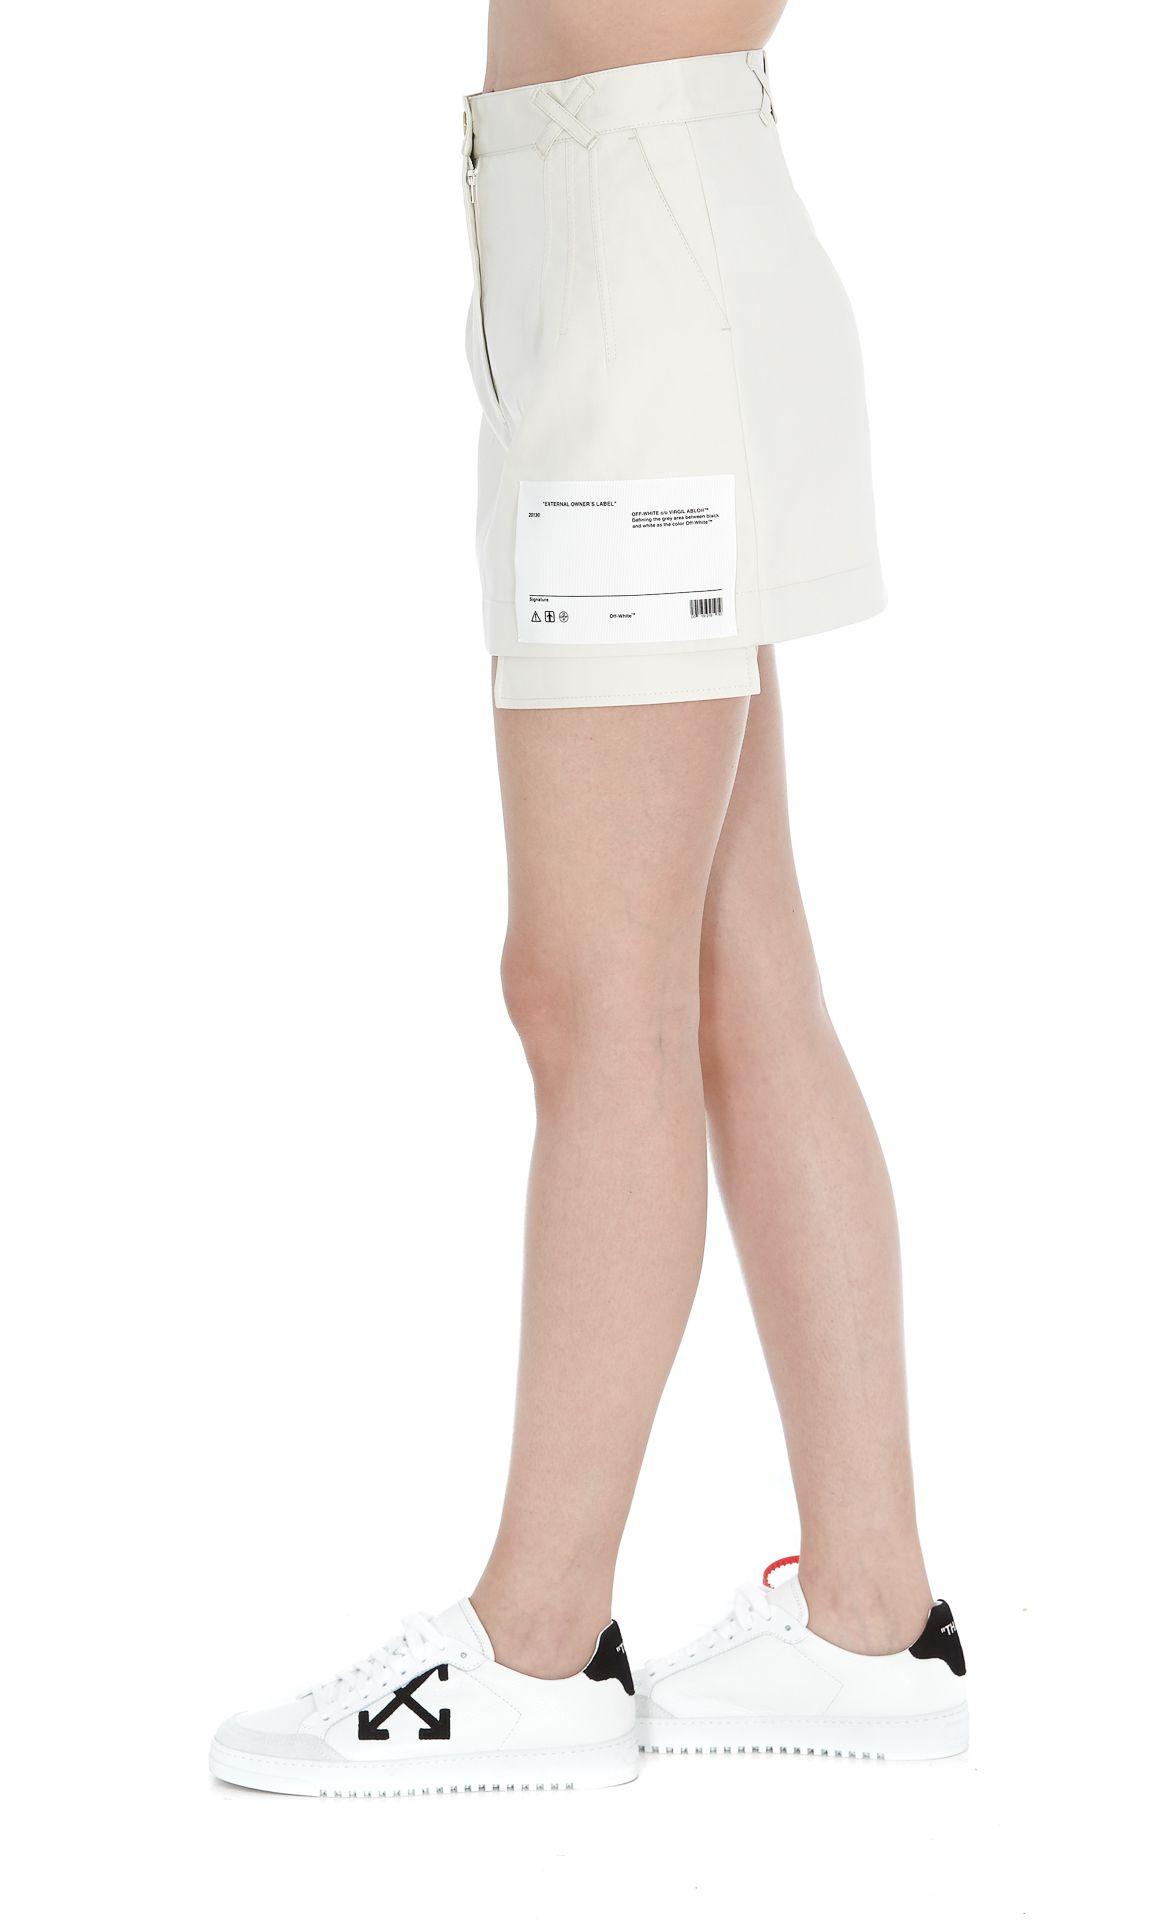 912186a47 Off-White Off-white Cotton Pockets Mini Skirt - White - 10966660 ...